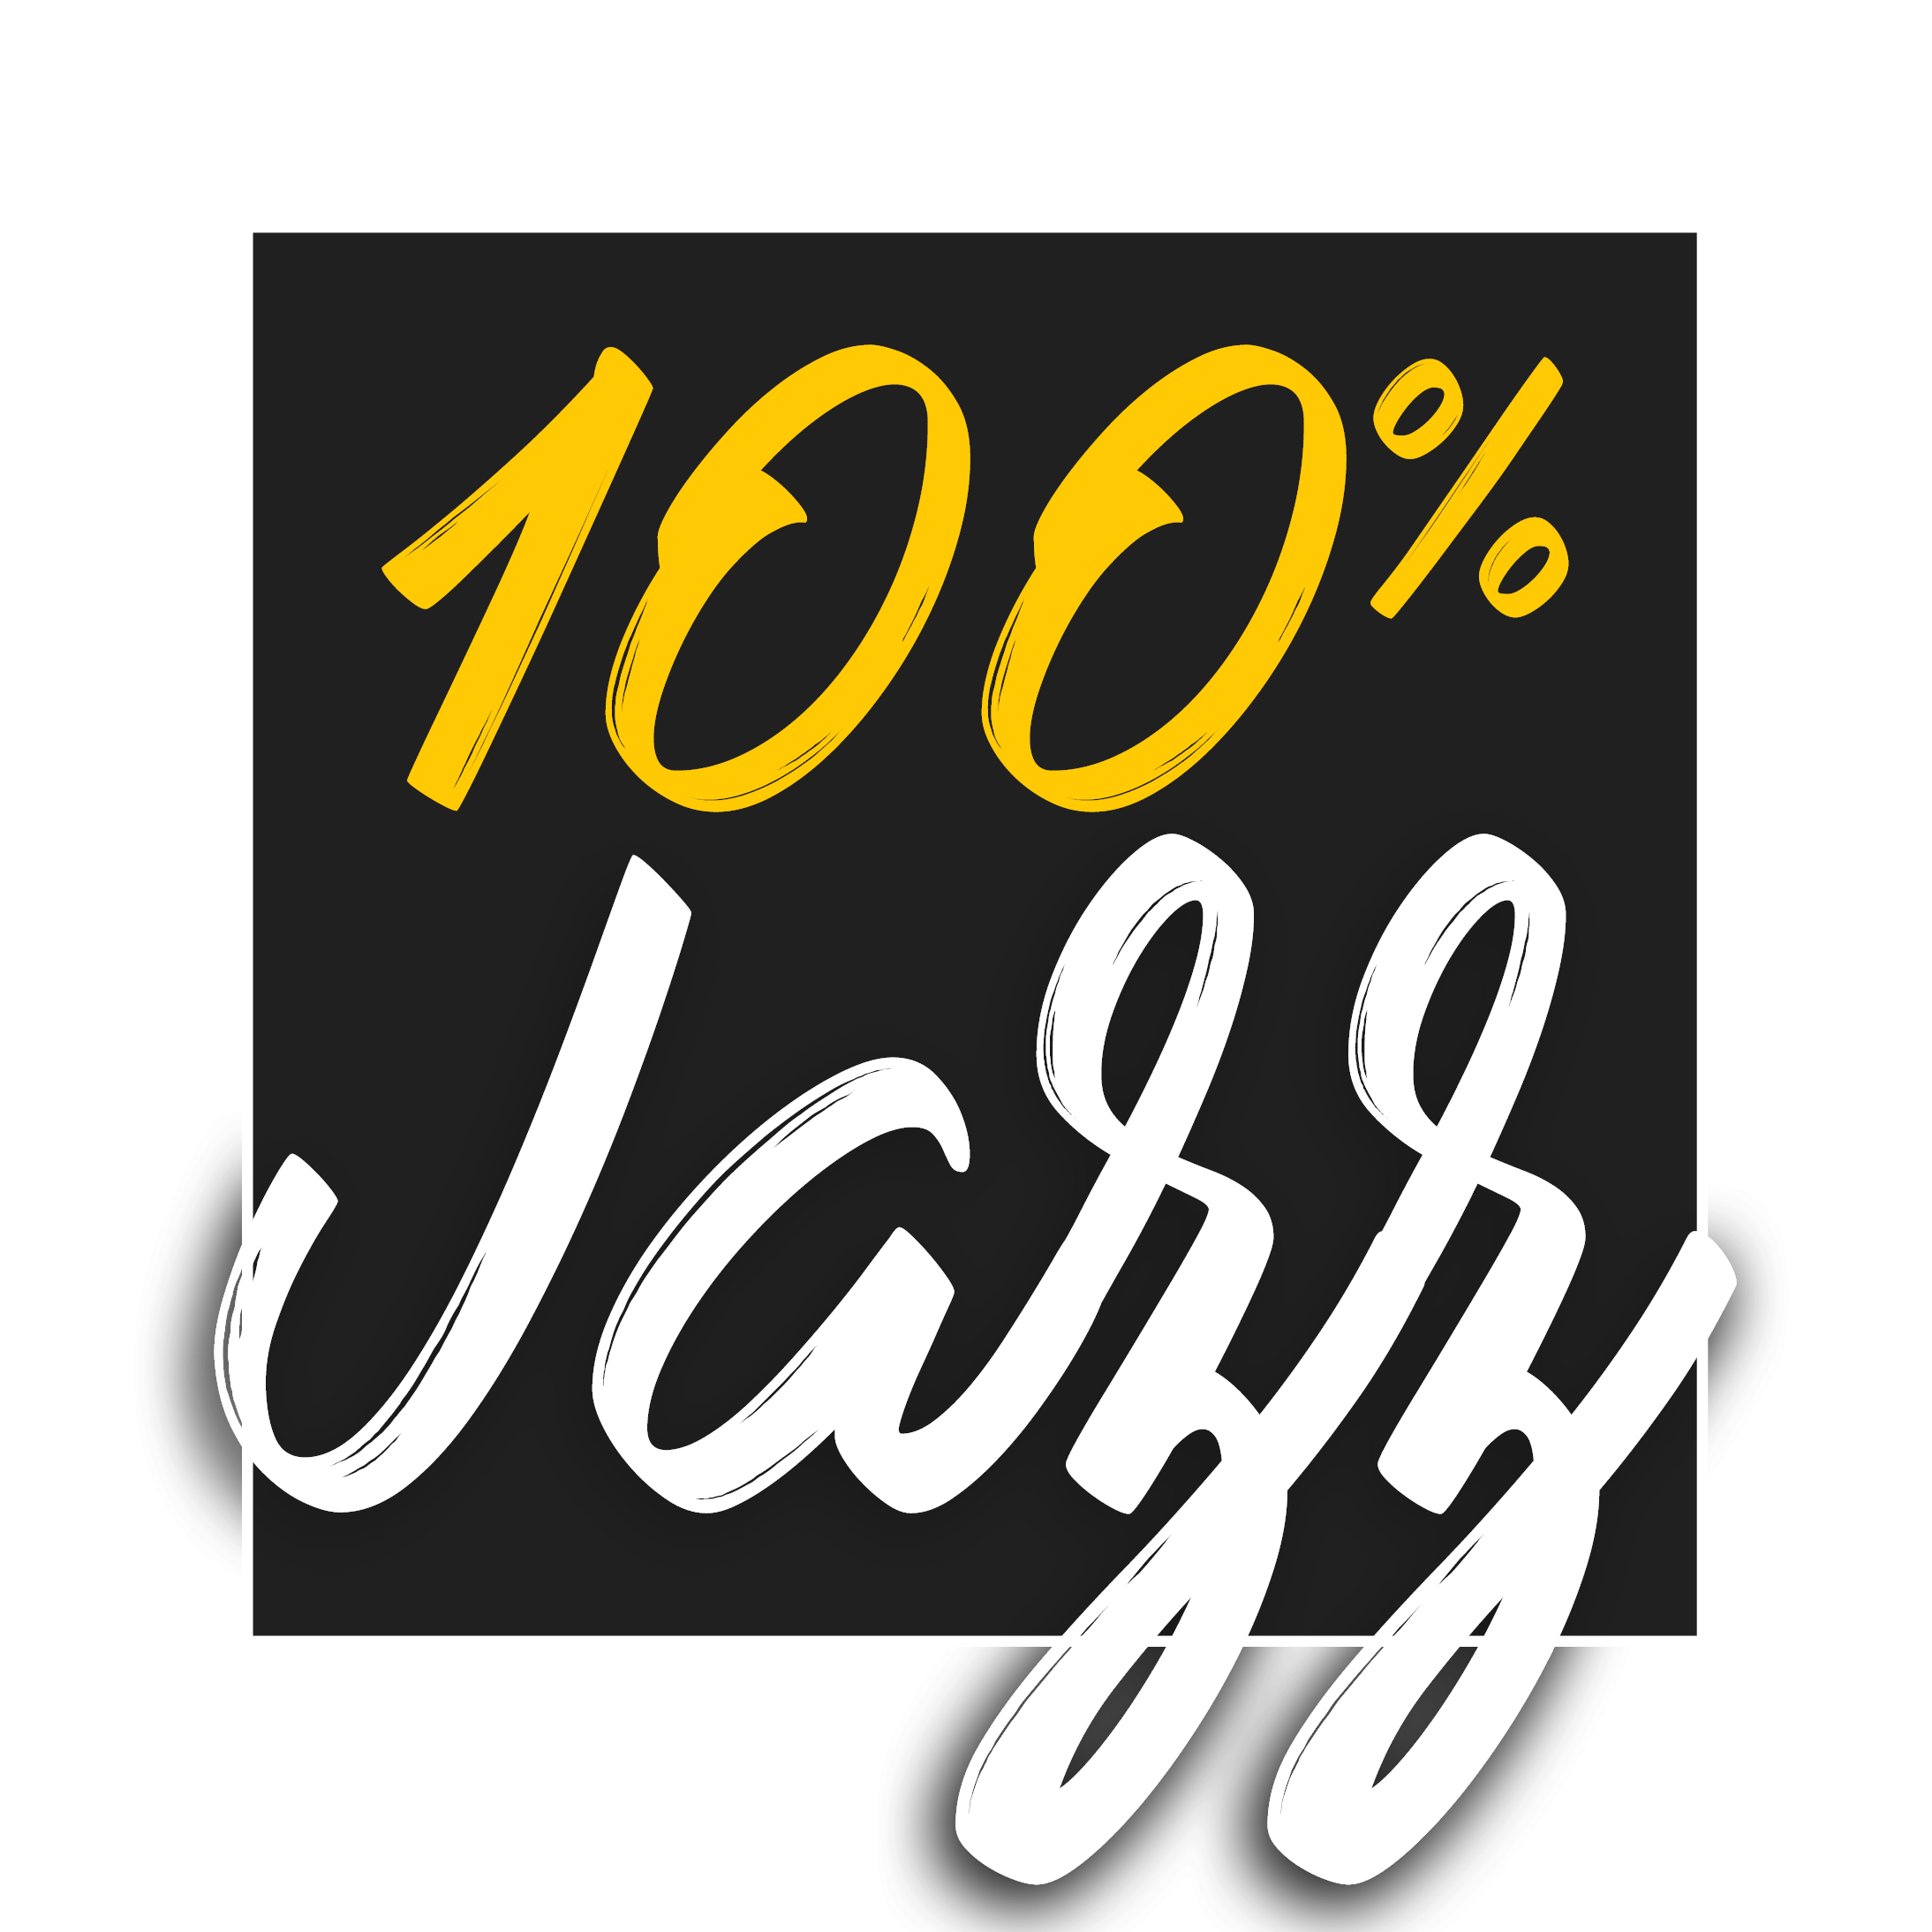 LNR-100%Jazz